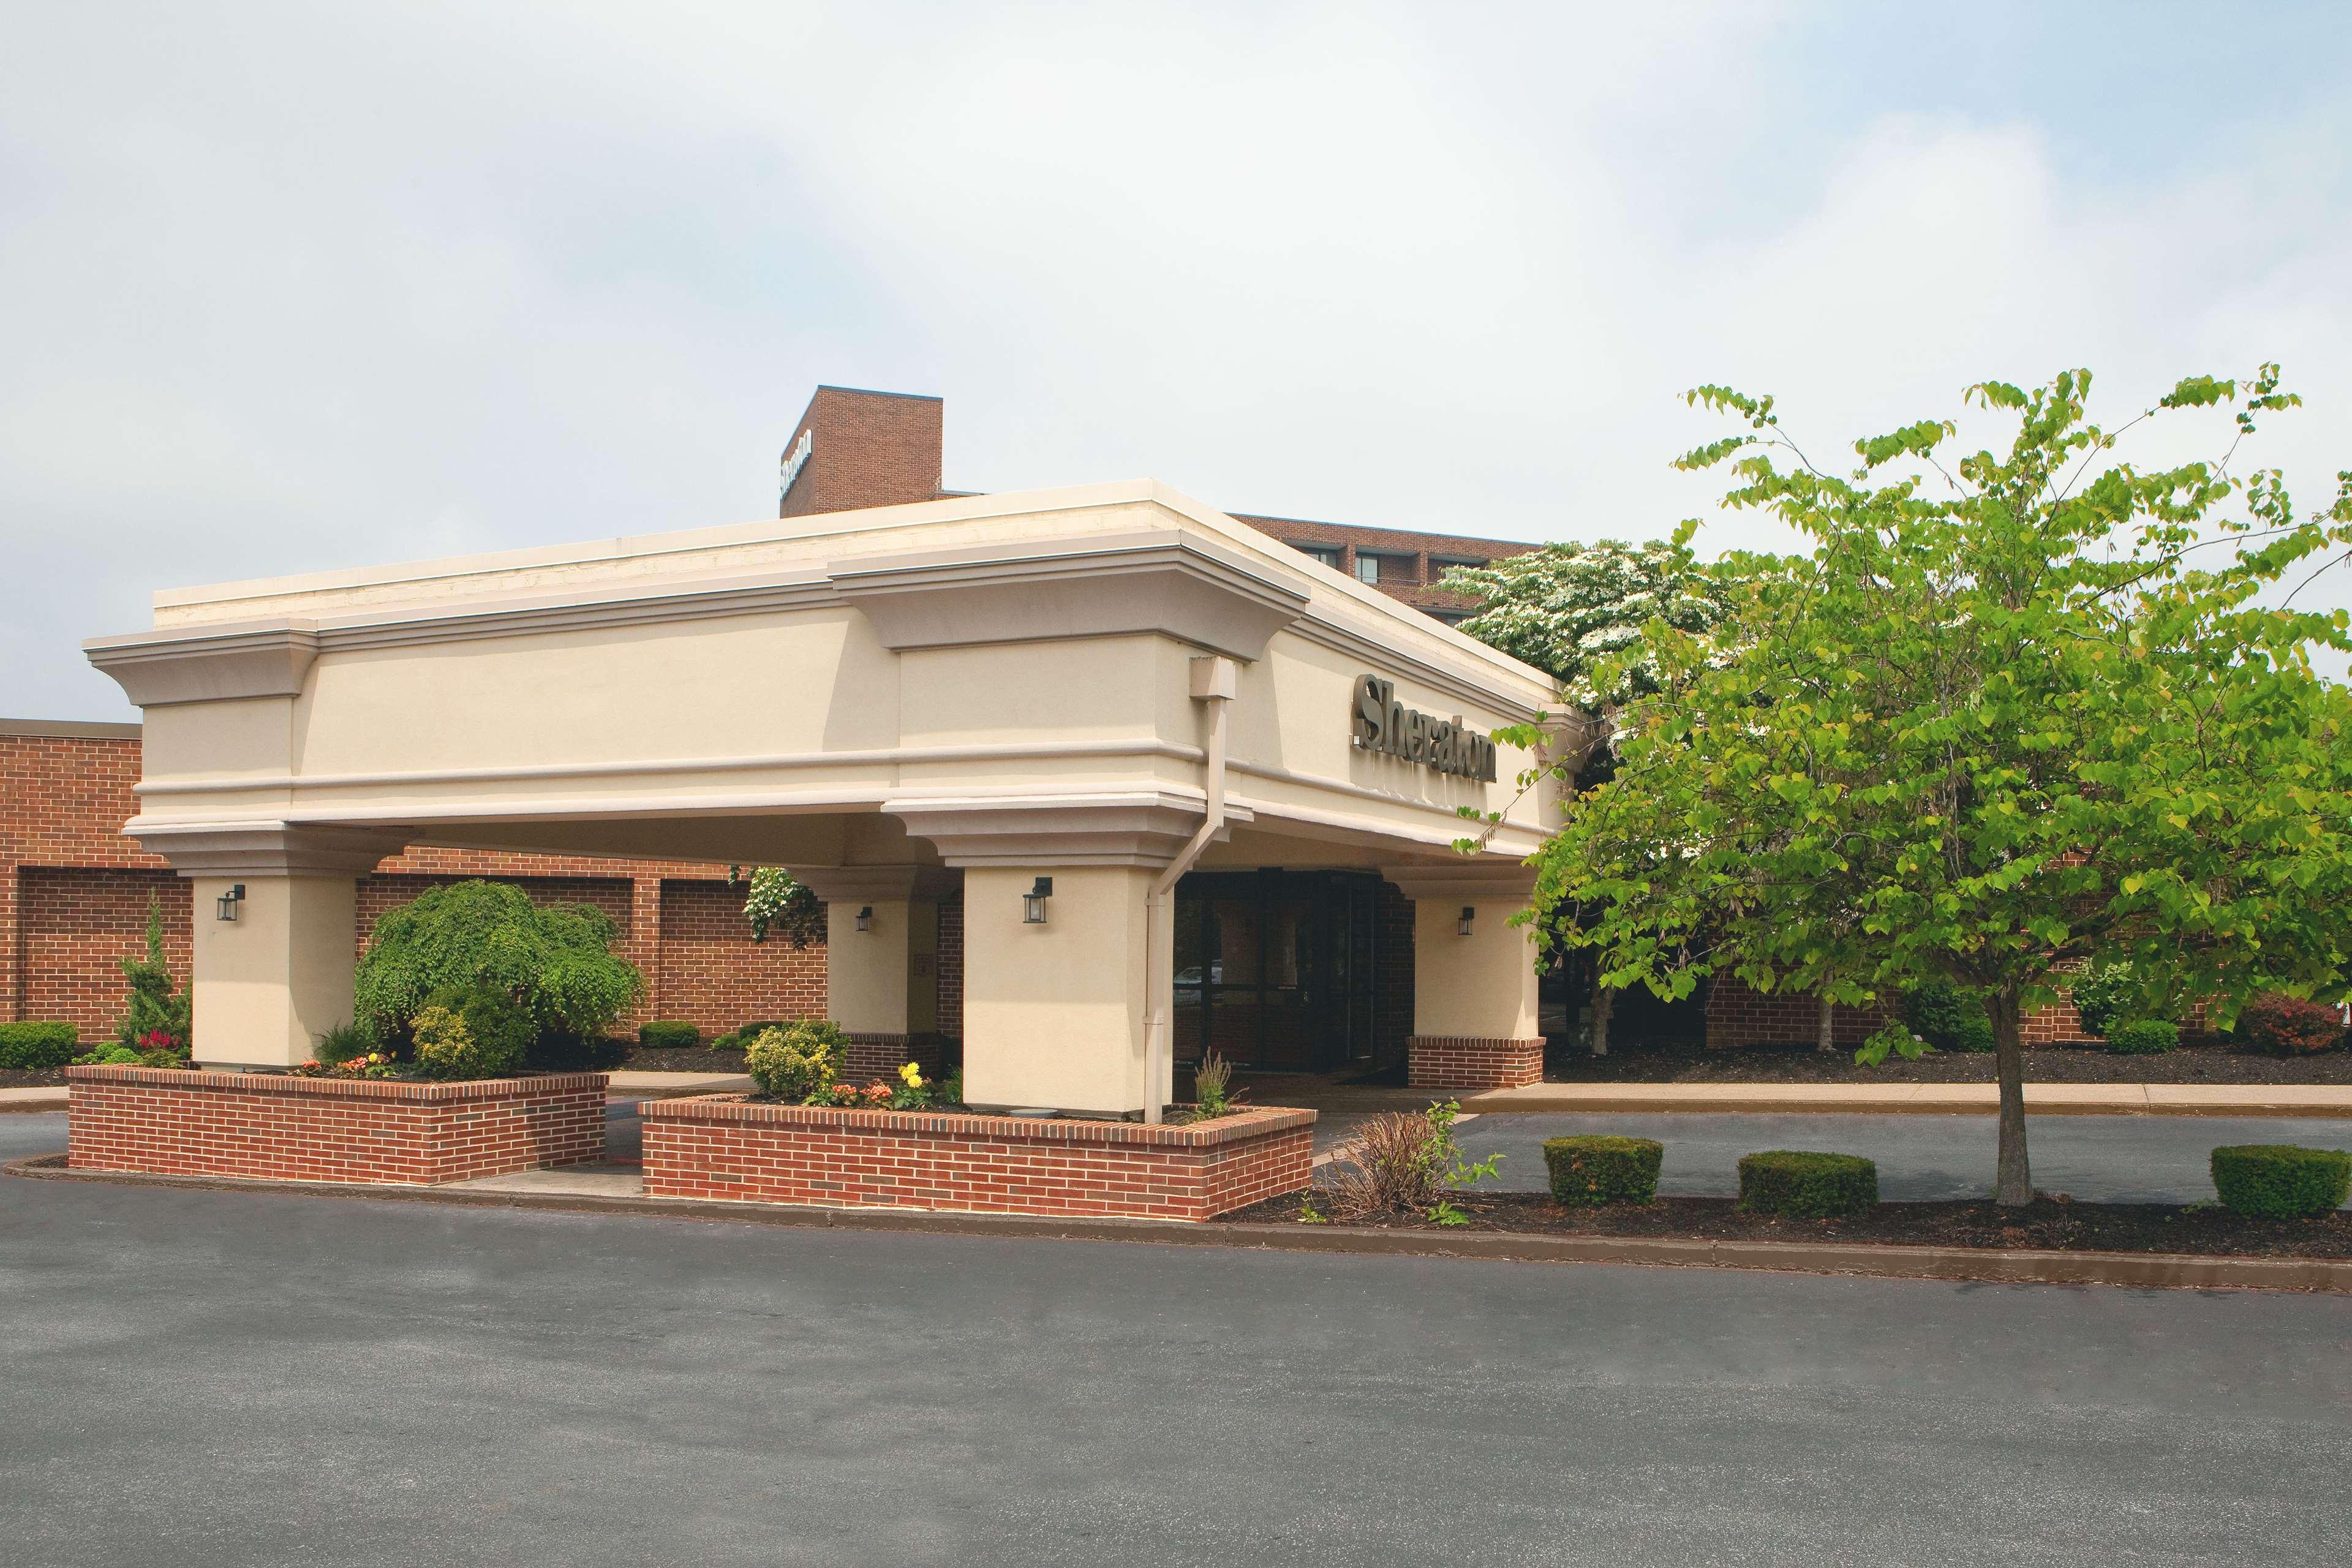 Sheraton Harrisburg Hershey Hotel image 0